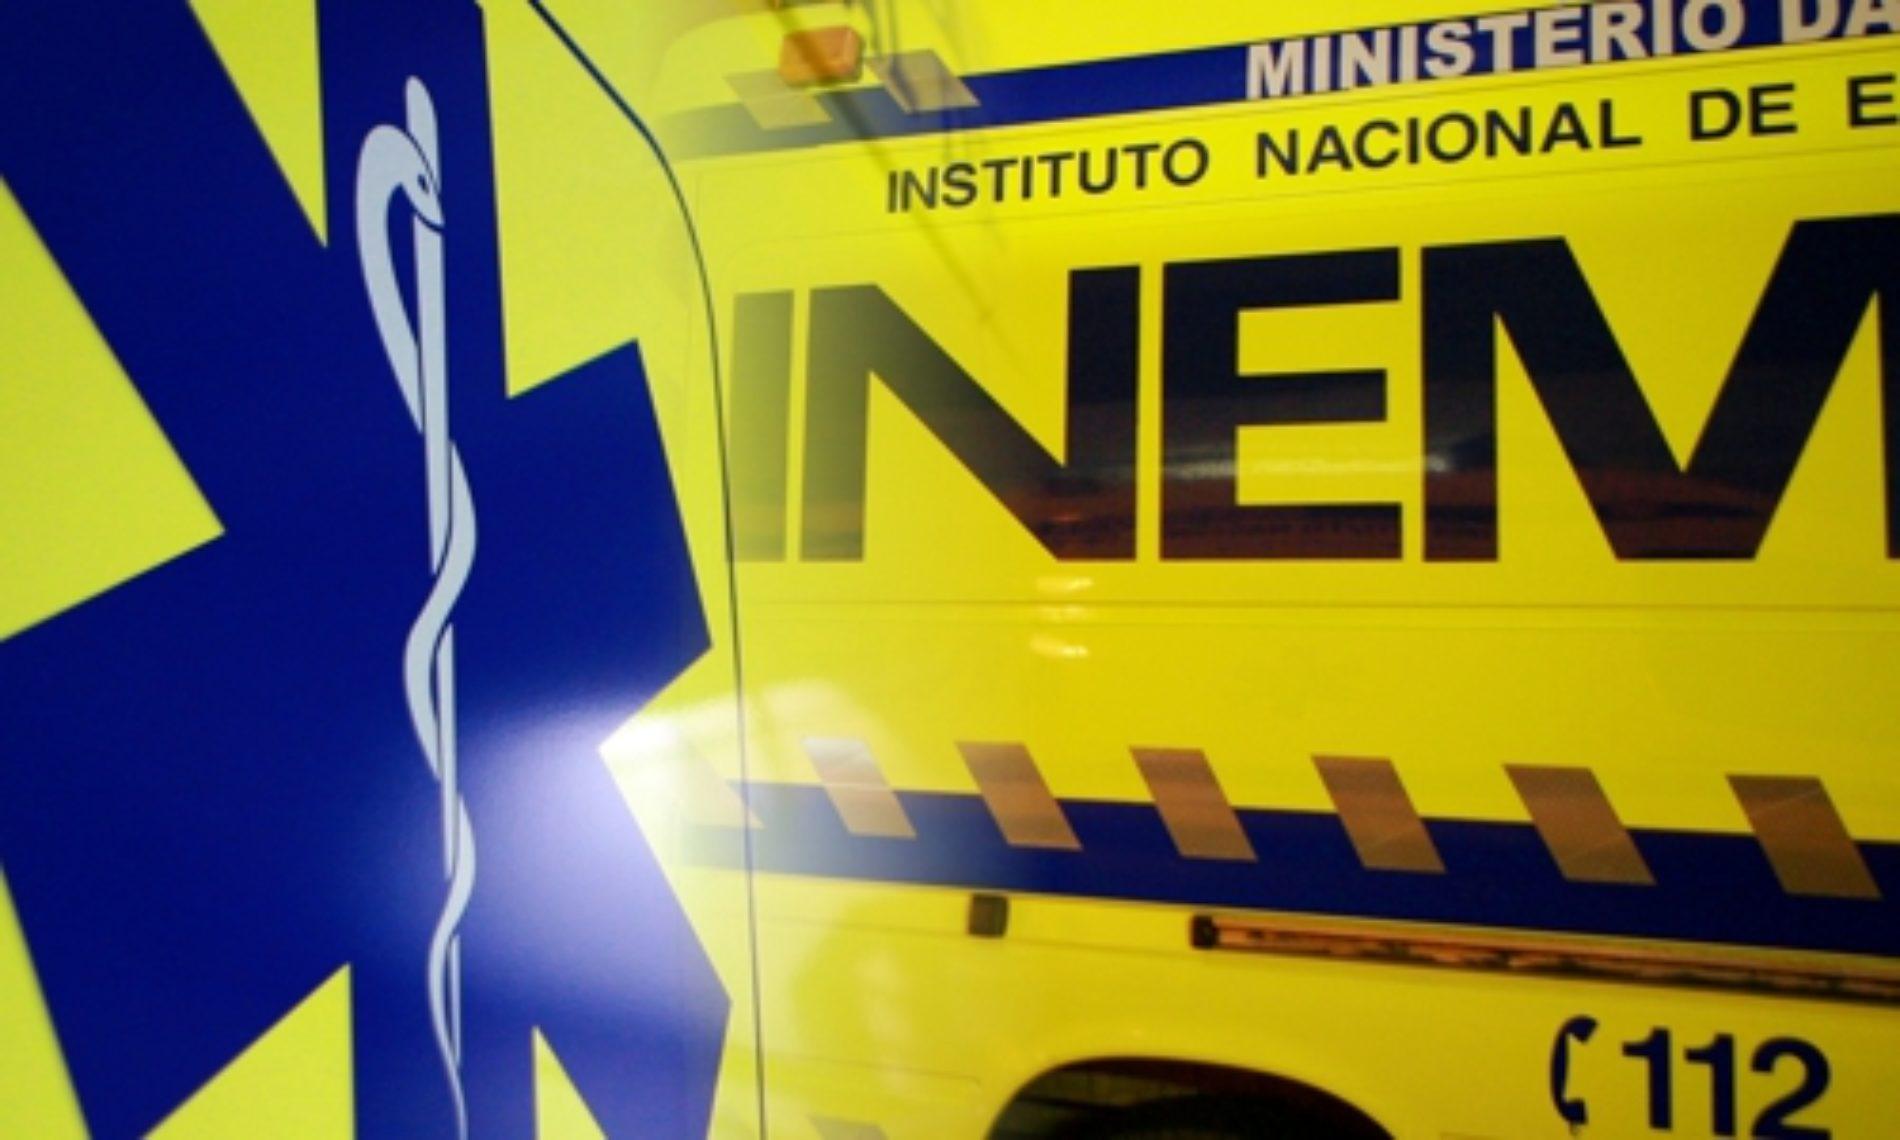 Tondela: Incêndio desalojou e provocou ferimentos a casal de idosos